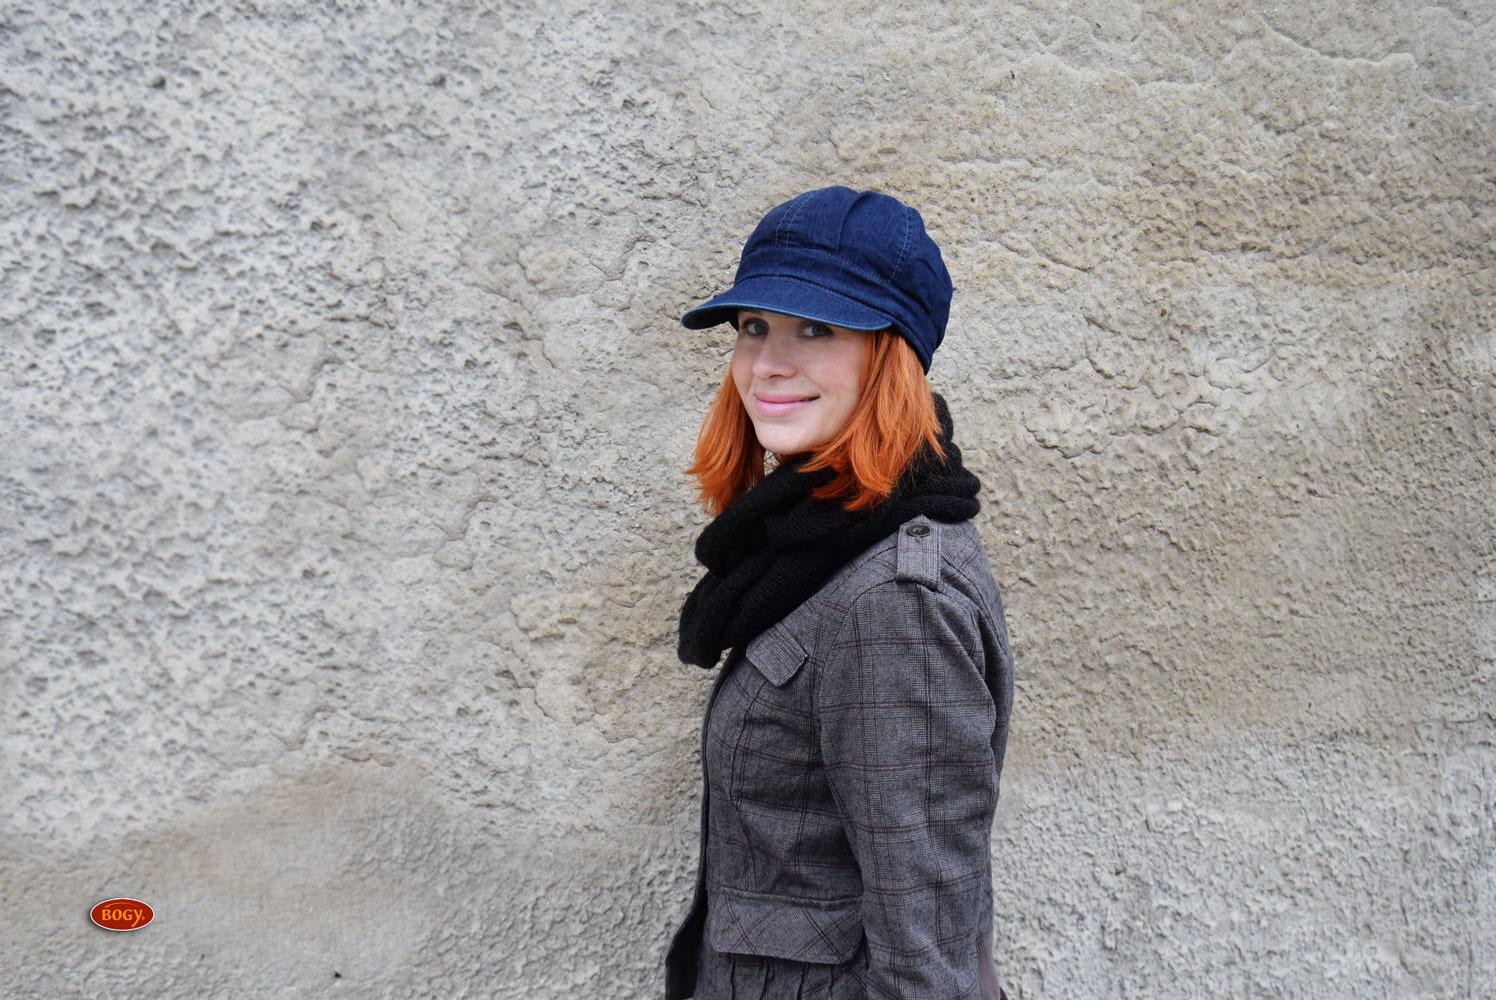 98b09a00fd8 unisex riflová bekovka s pevným kšiltem a fleecem (obvod 55-57cm)   Zboží  prodejce BOGY - Janečková Petra